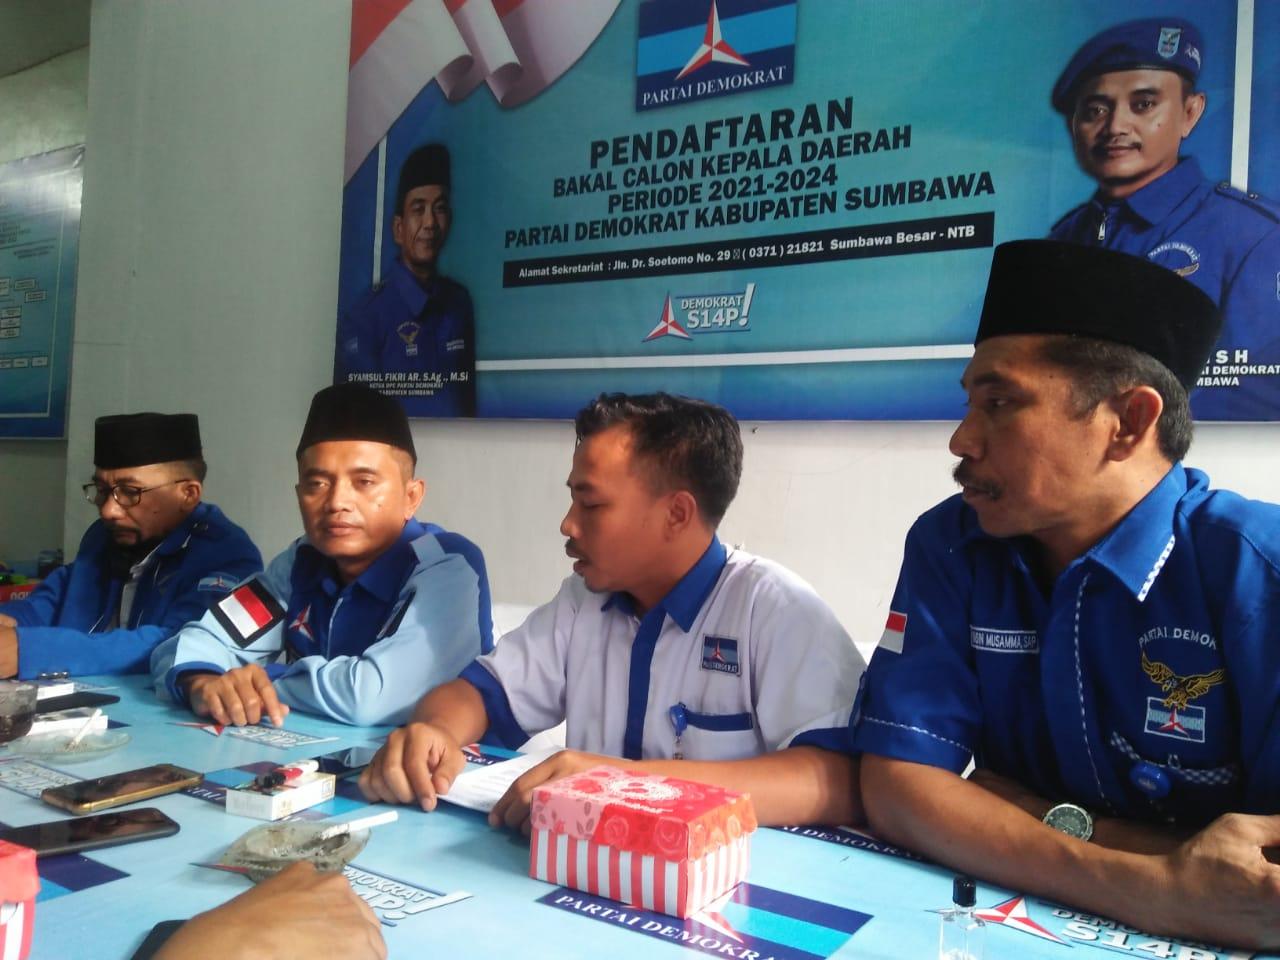 IMG 20200203 WA0033 Kabar Sumbawa